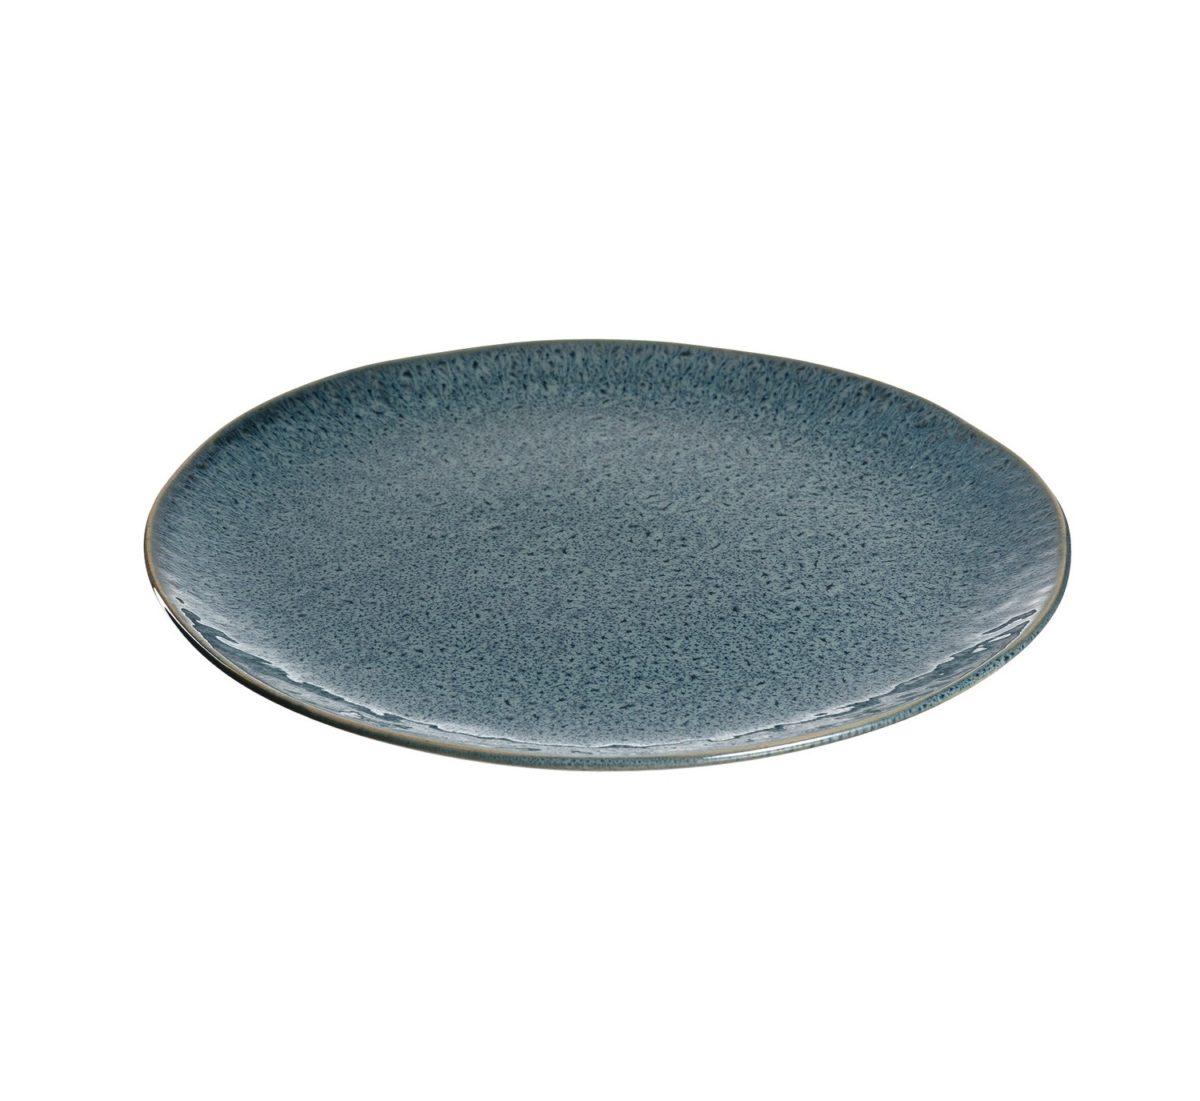 018547 0 k 1 1200x1101 - Farfurie ceramică Matera blue 27 cm (L018547)